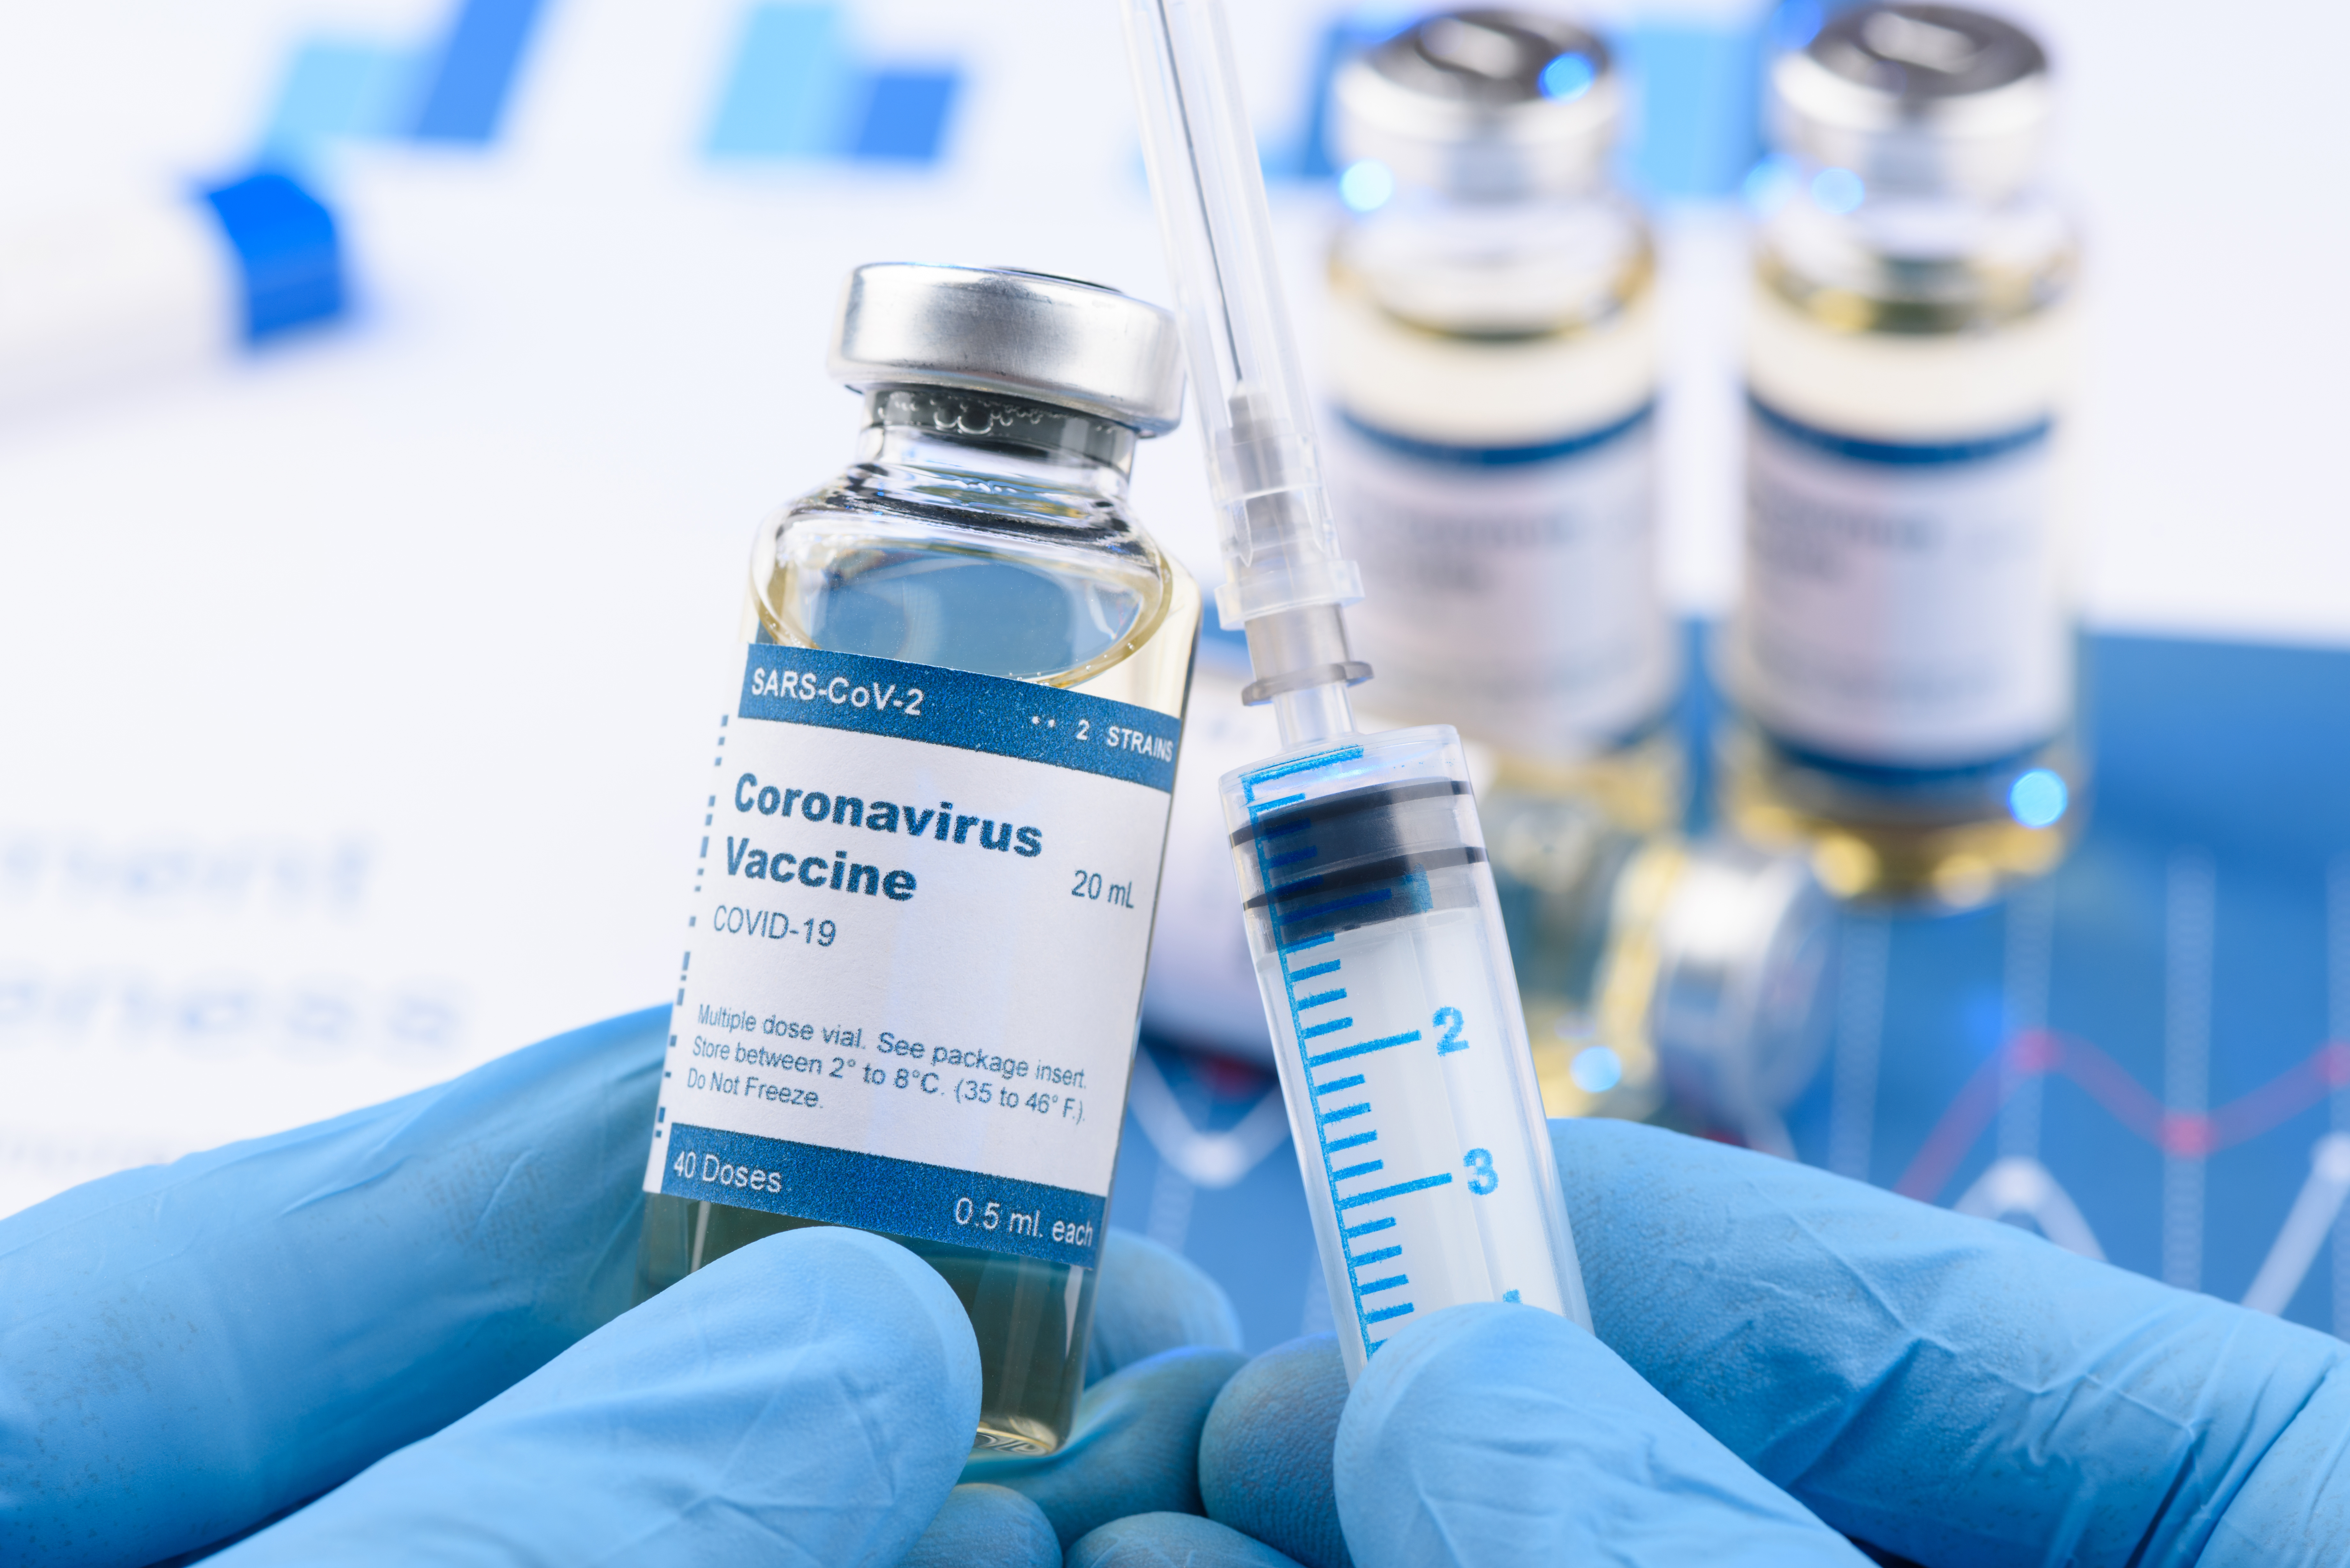 C'est le premier vaccin anti-COVID-19 à passer le cap de l'essai clinique (donc chez l'Homme) de phase 1 (Visuel AdobeStock_336028162)